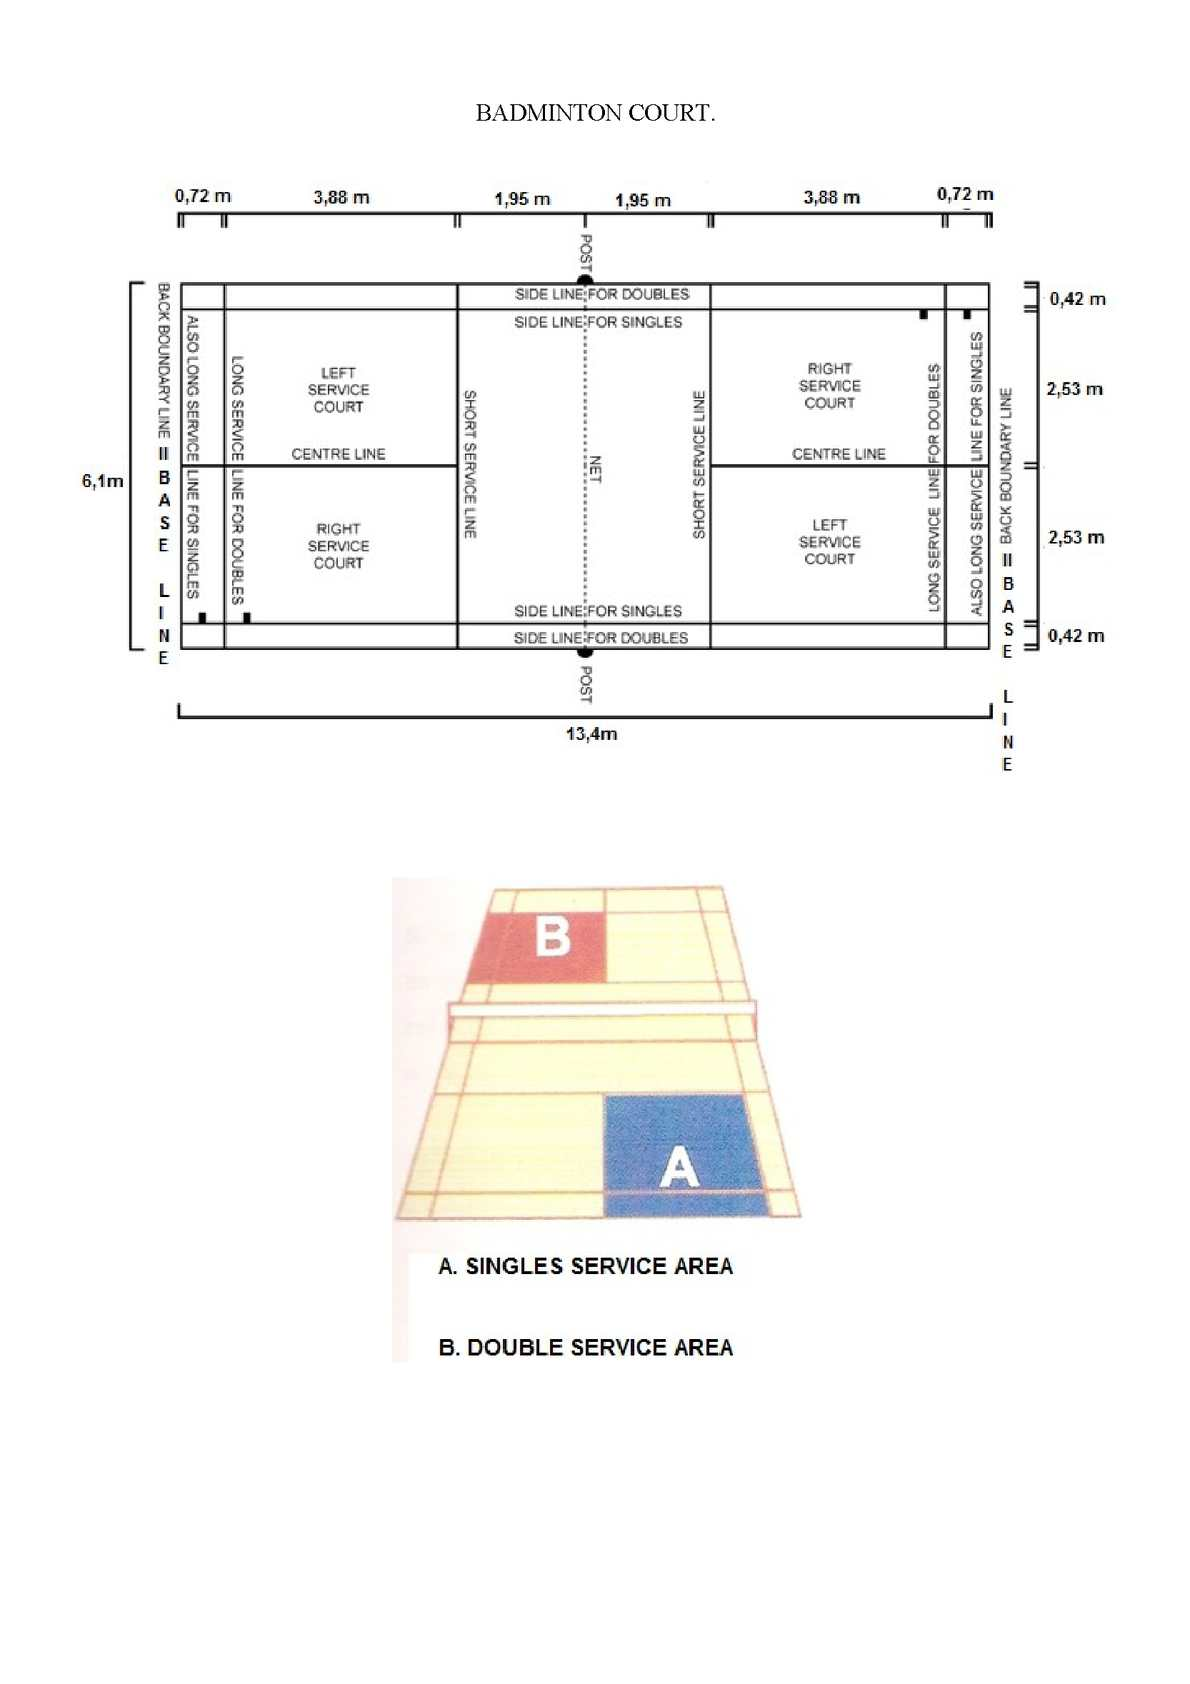 Teknik Servis Badminton : teknik, servis, badminton, Calaméo, BADMINTON